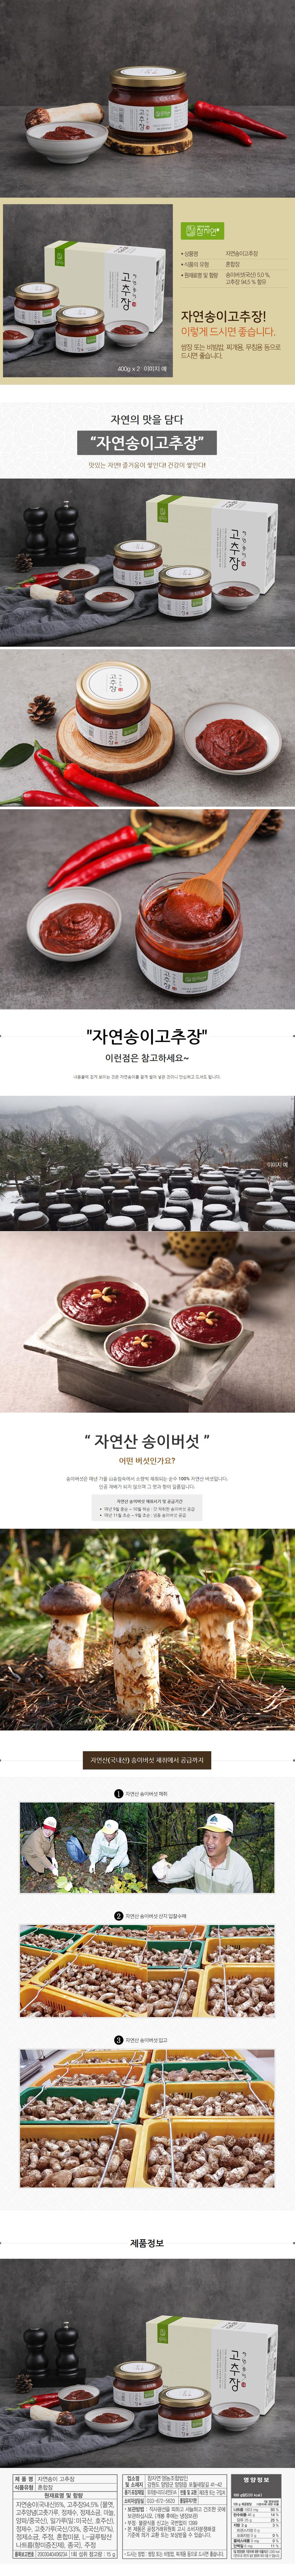 daesol_sang_songegochujang.jpg